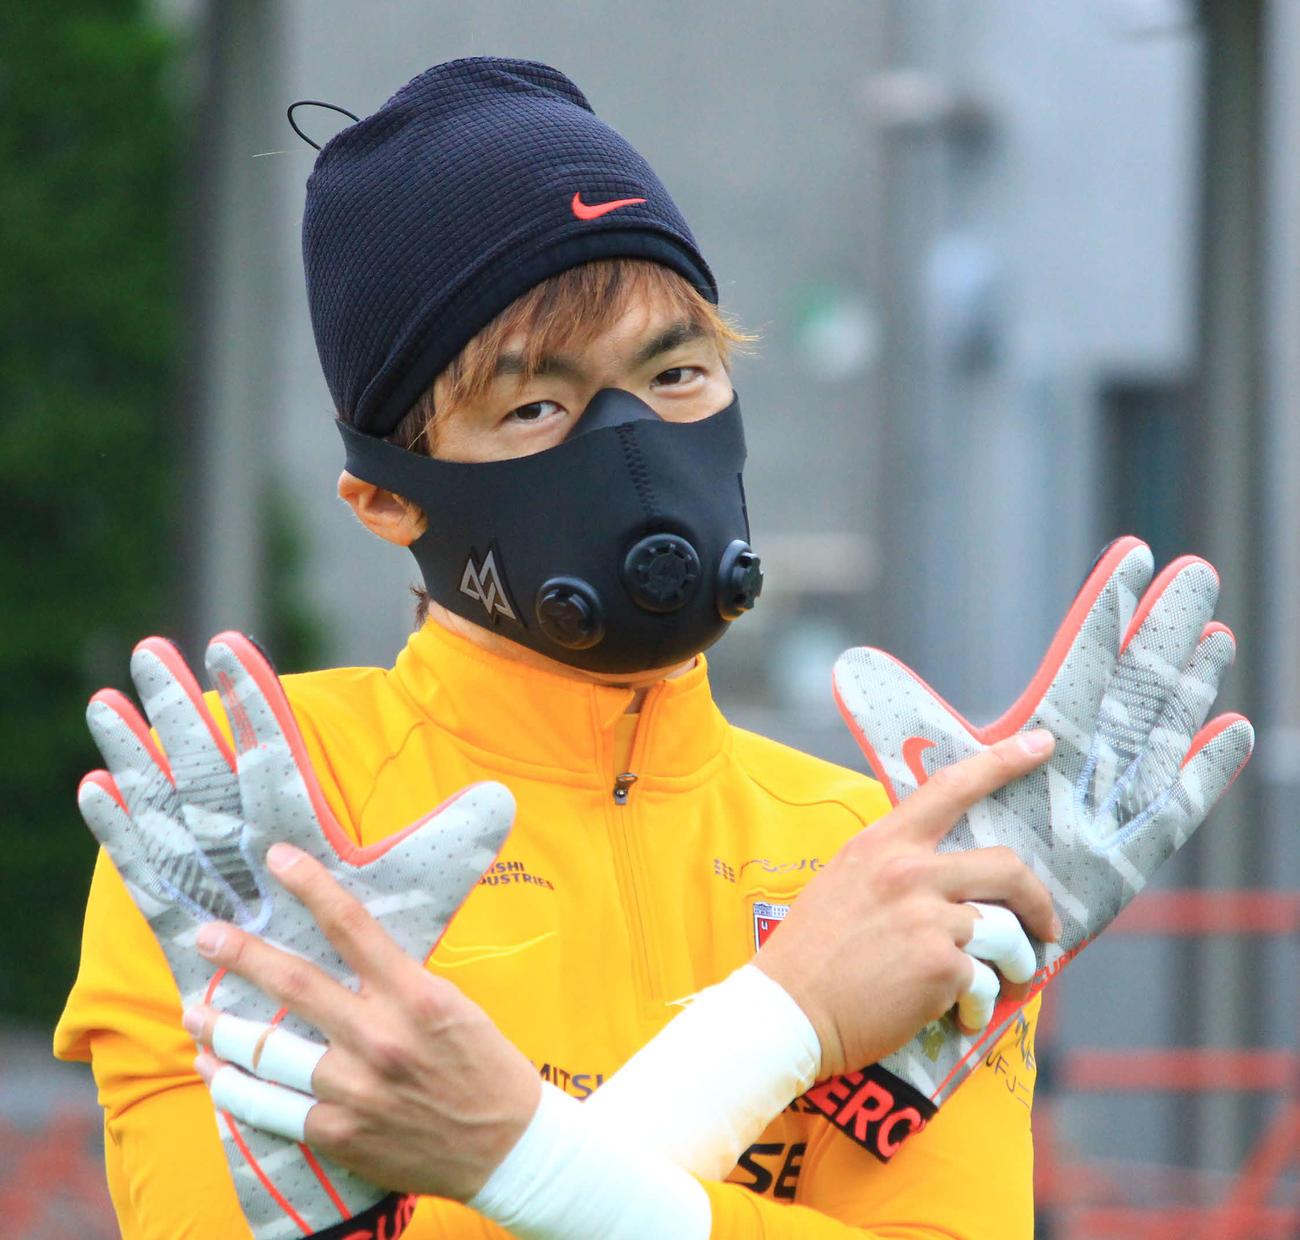 飛沫拡散防止のため、呼吸筋トレーニングマスクを着用する浦和GK西川主将(クラブ提供)